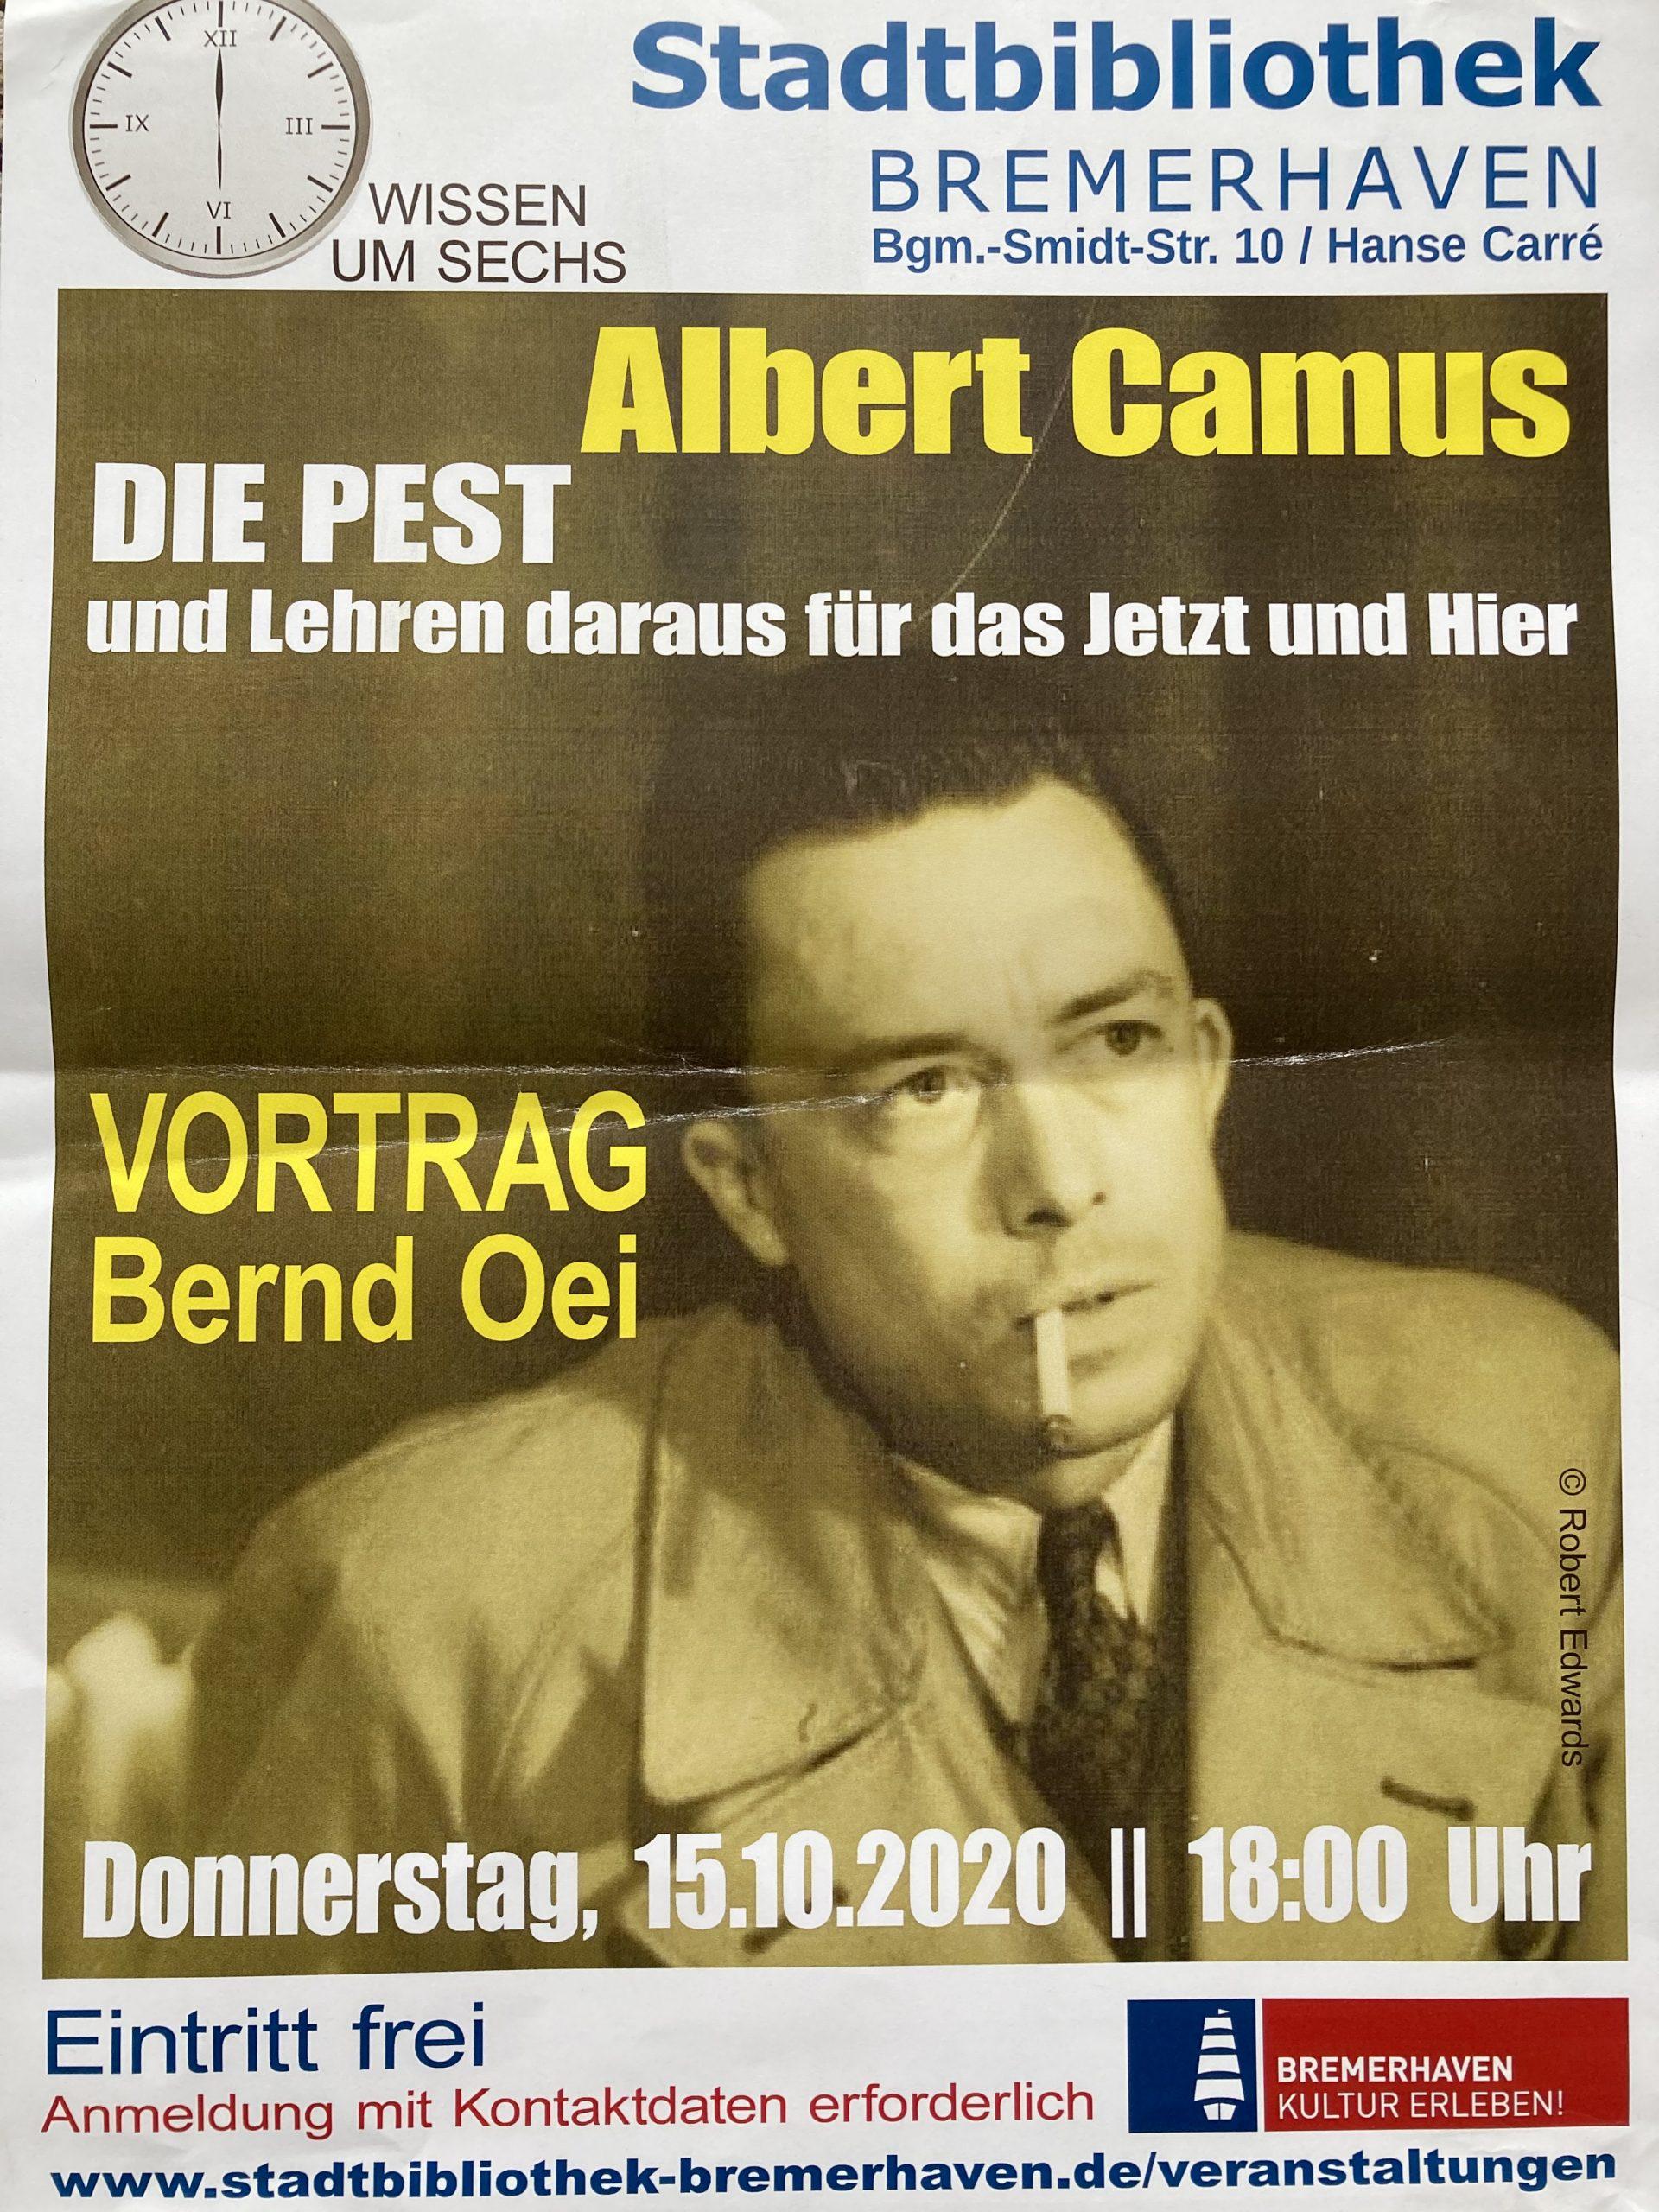 Camus – die Reise ans Meer, Liebe und Leben